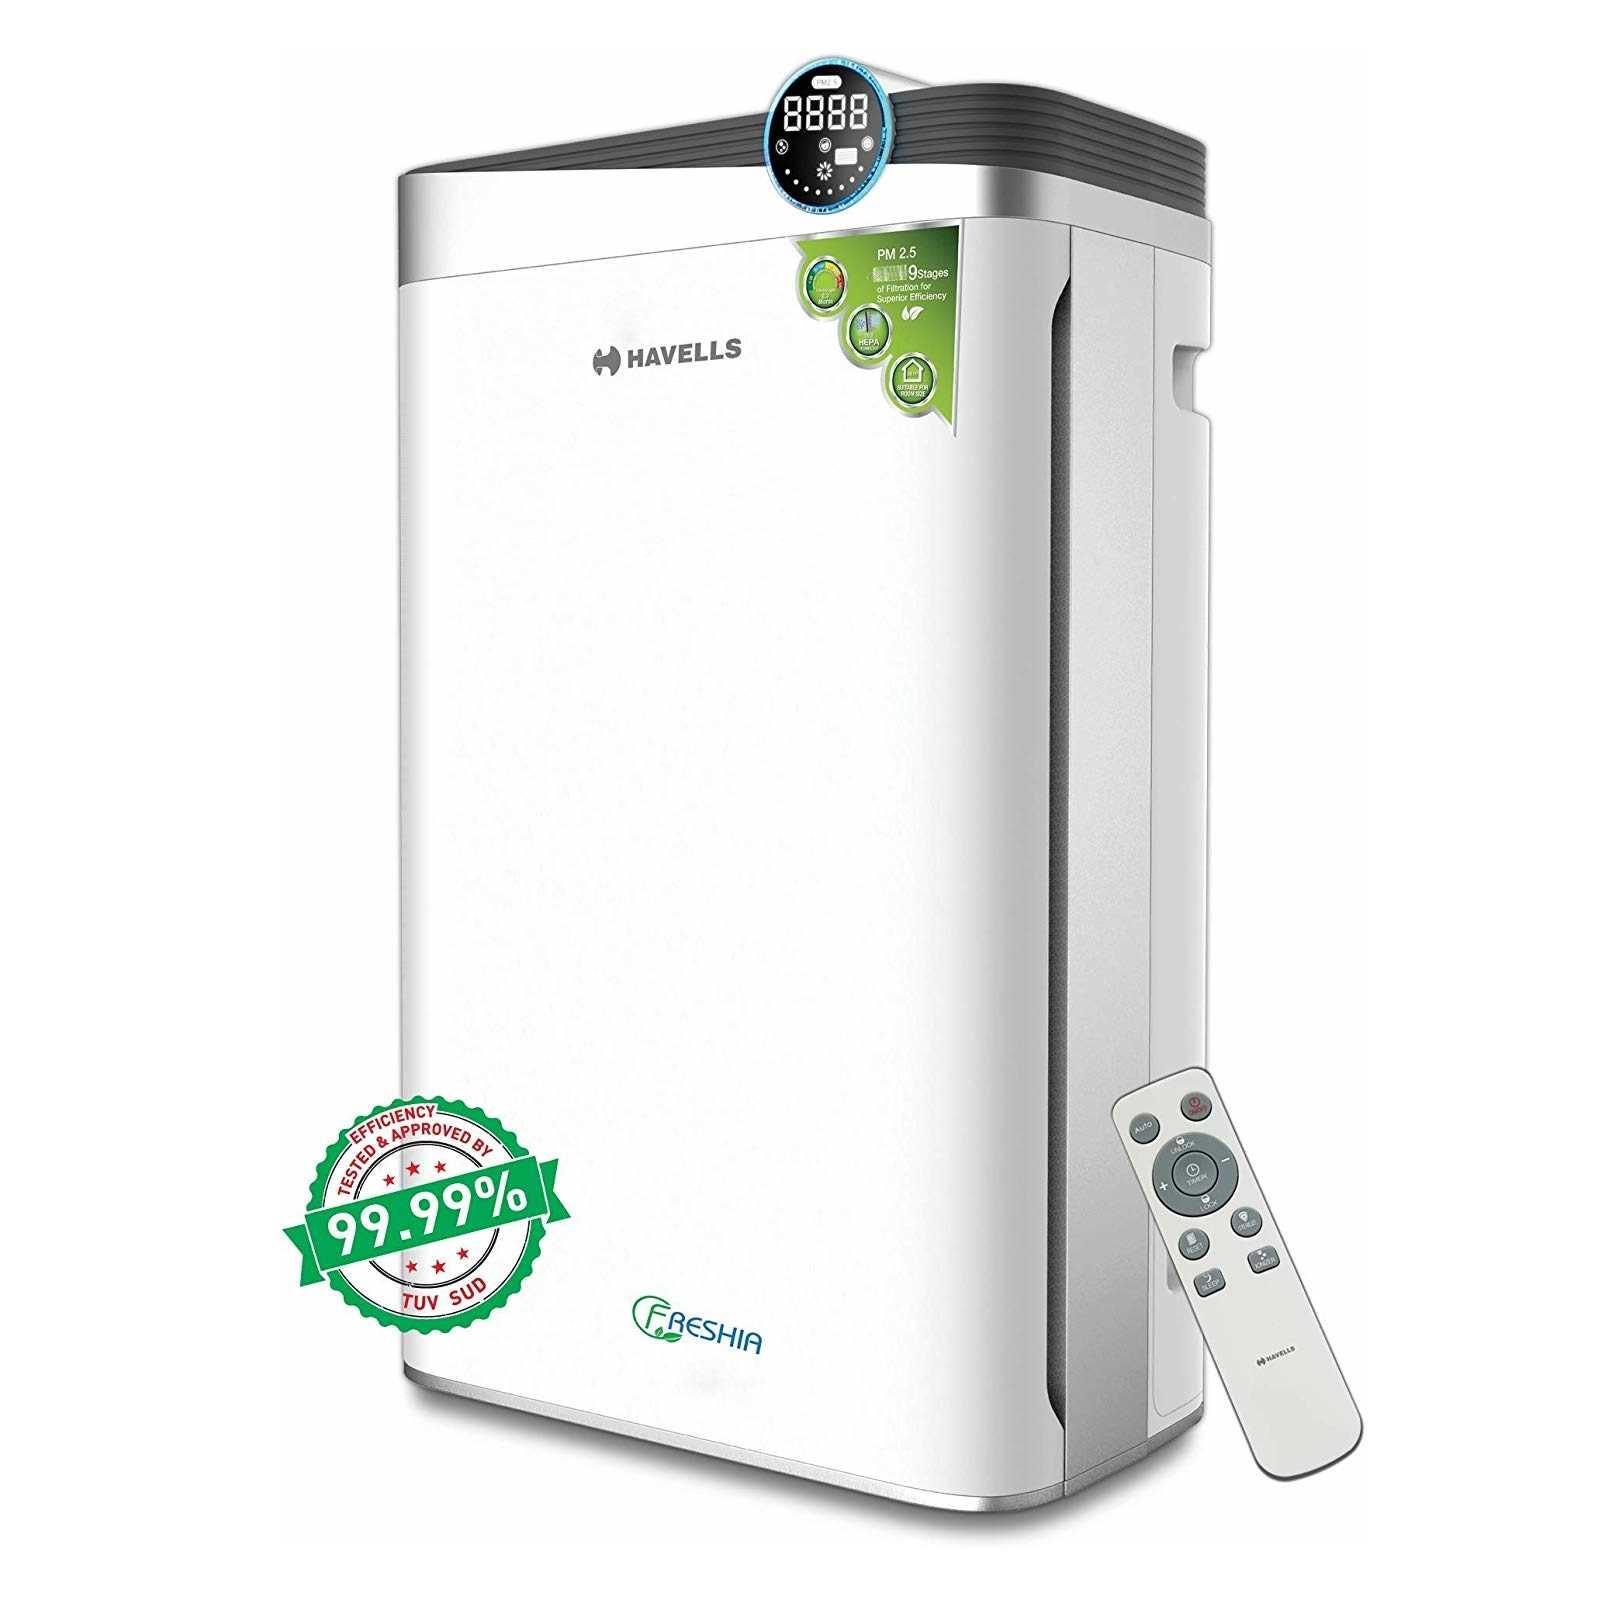 Havells Freshia AP58 Portable Room Air Purifier